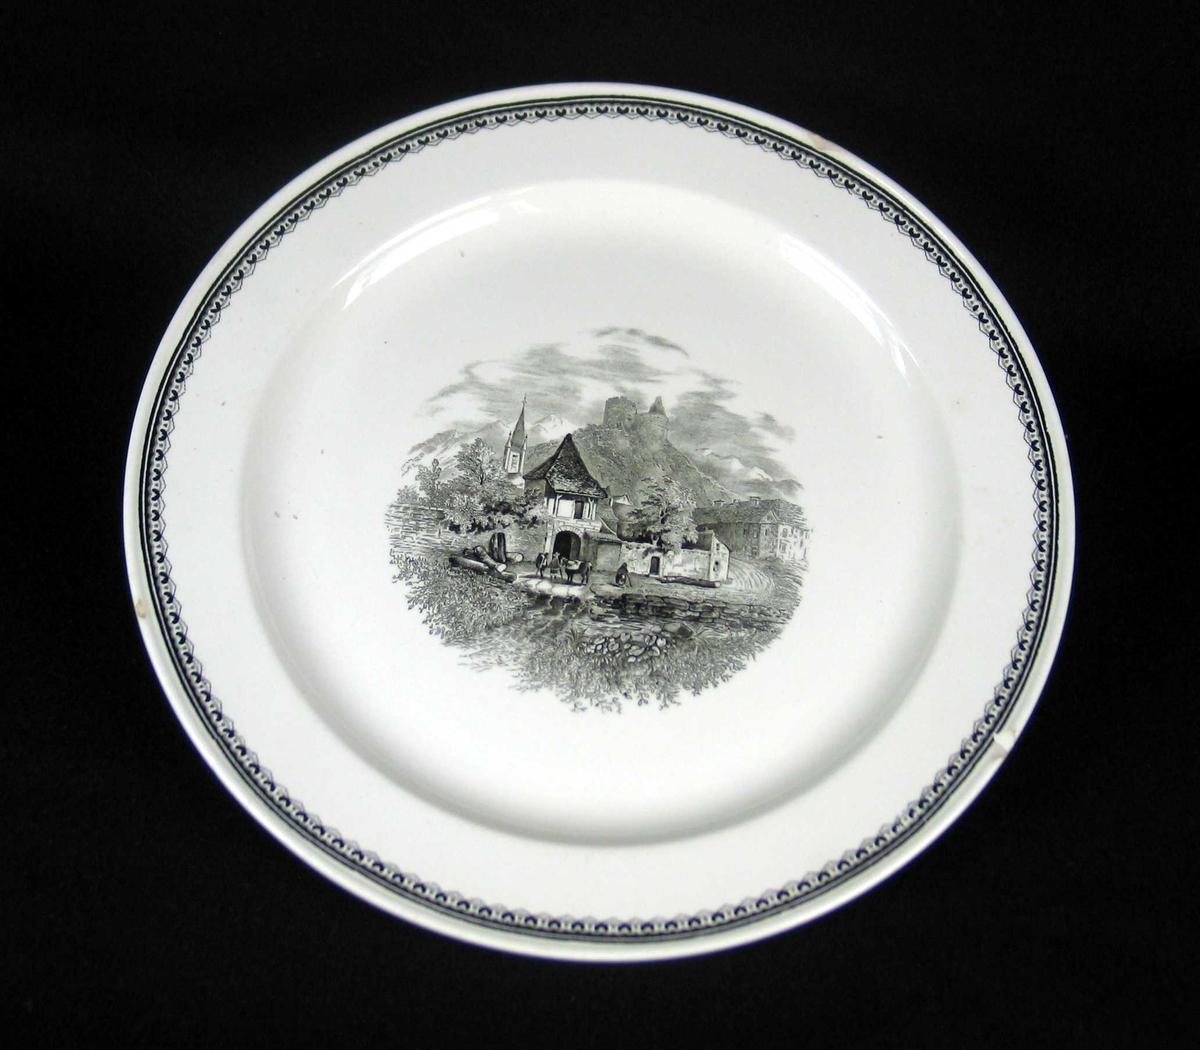 Rundt serveringsfat i offwhite keramikk med sort dekor.